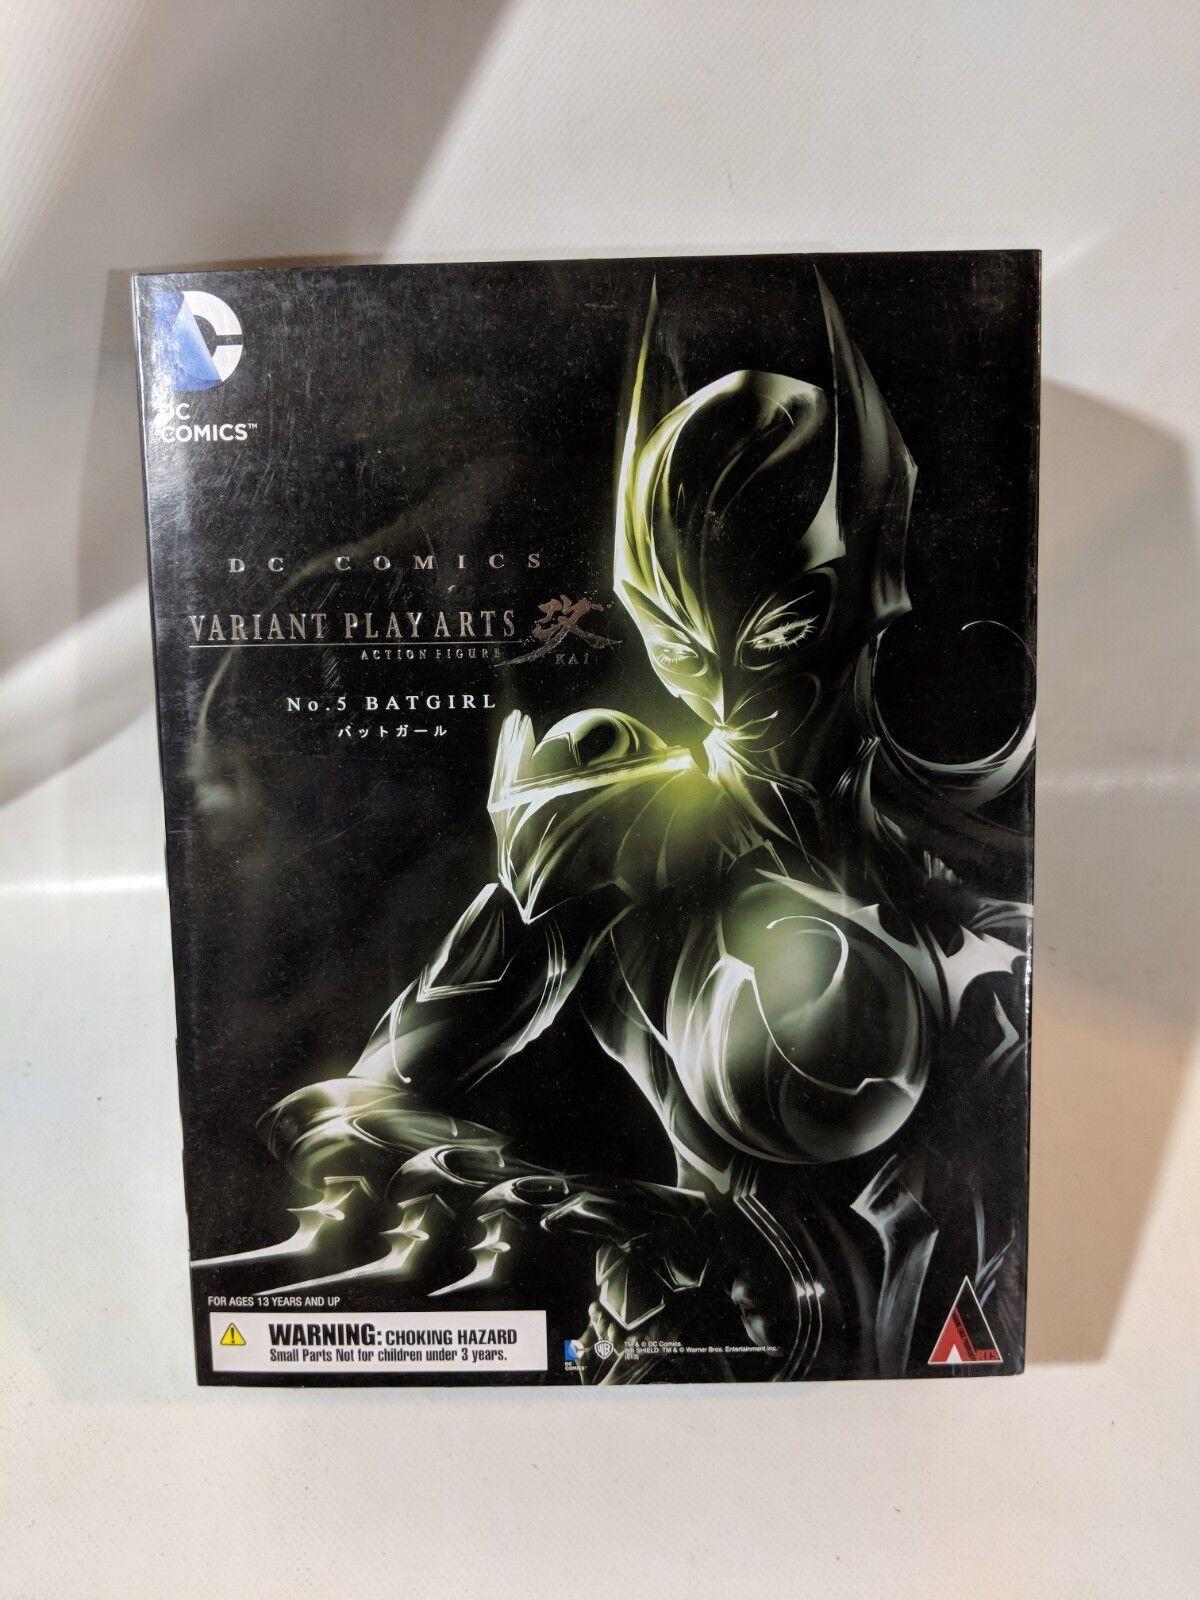 Square Enix Variant Play Arts Kai DC Comics No.5 les chauves-souris